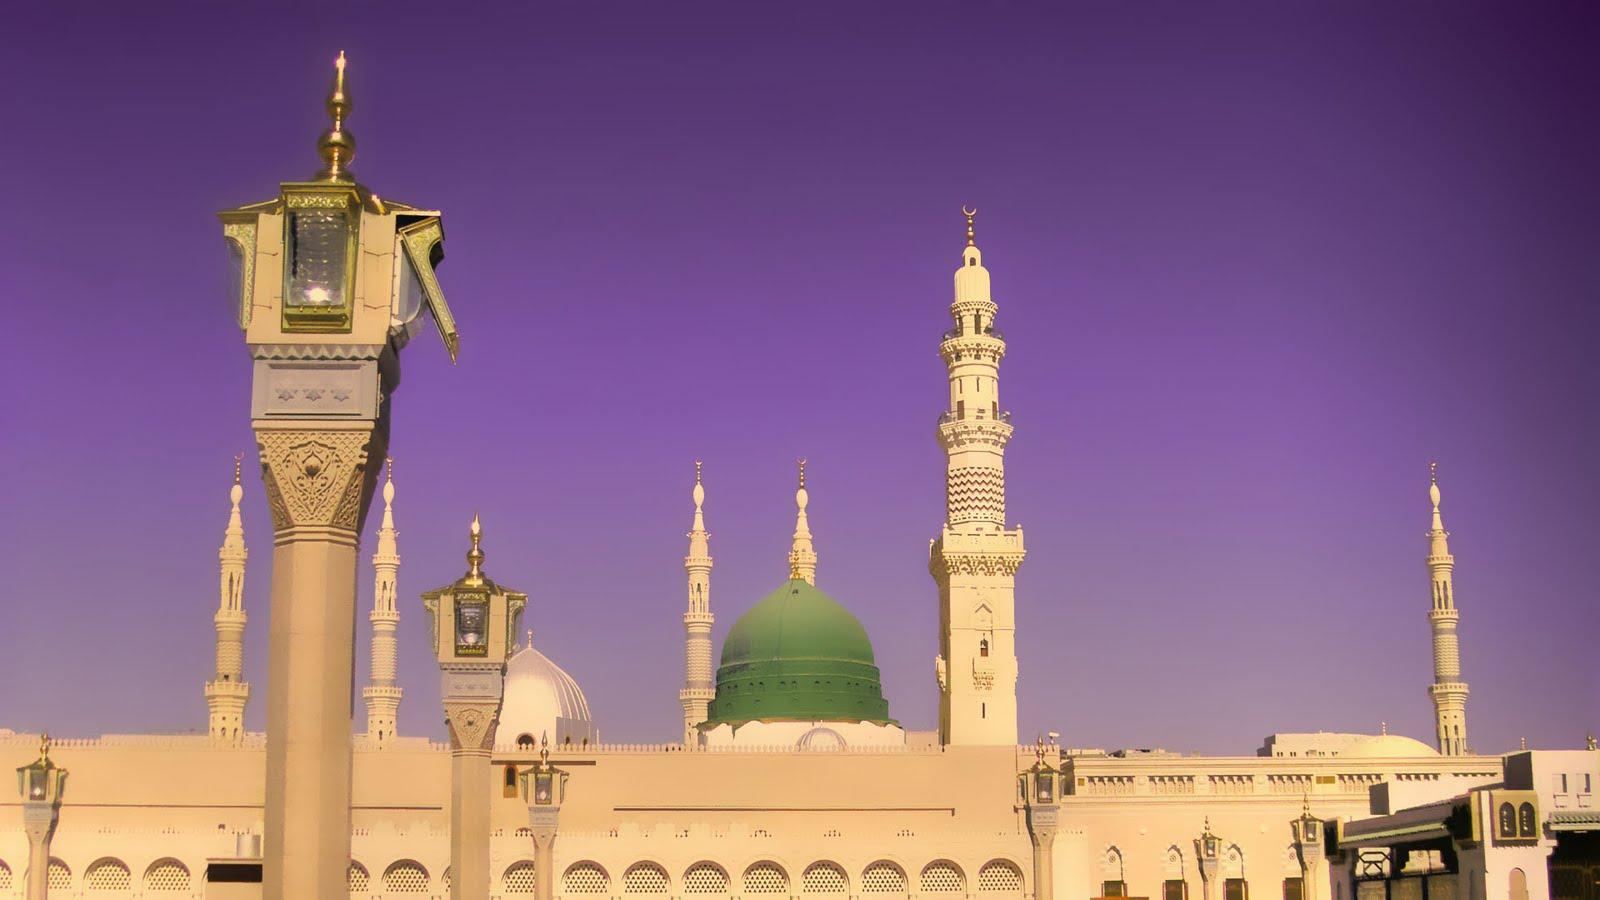 http://4.bp.blogspot.com/_iCheHK2AFl0/TULmb3fYZjI/AAAAAAAAAFU/WZLqc92VVj8/s1600/masjid%2Bal%2Bnabawi%2B-%2Bedit%2B1.jpg